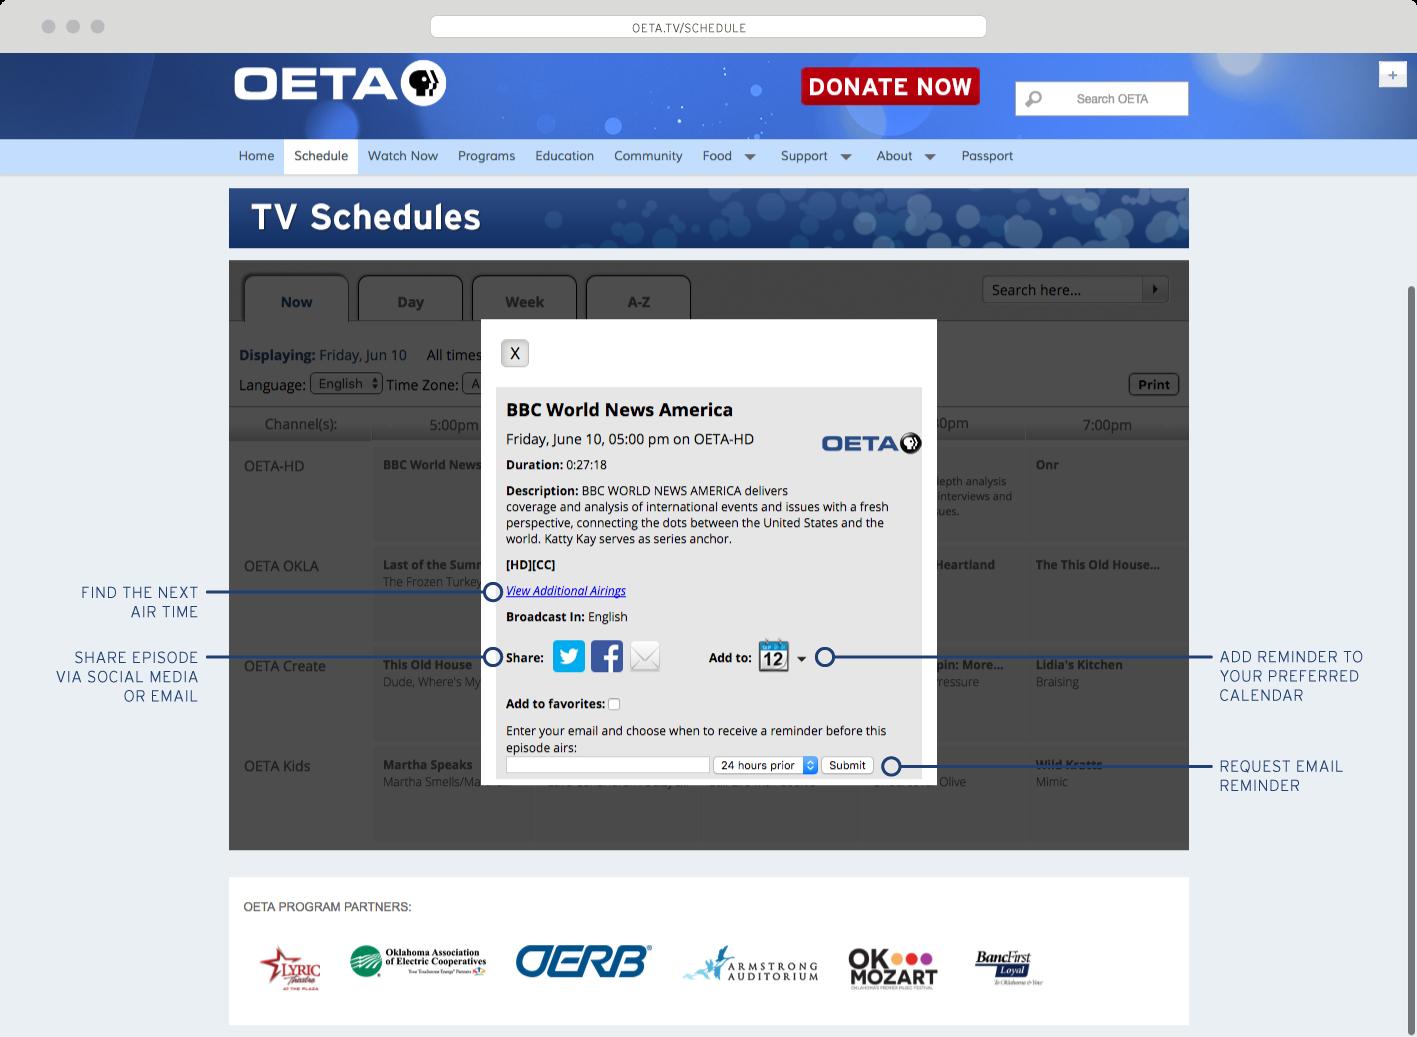 Image - OETA_Schedule_Description.png